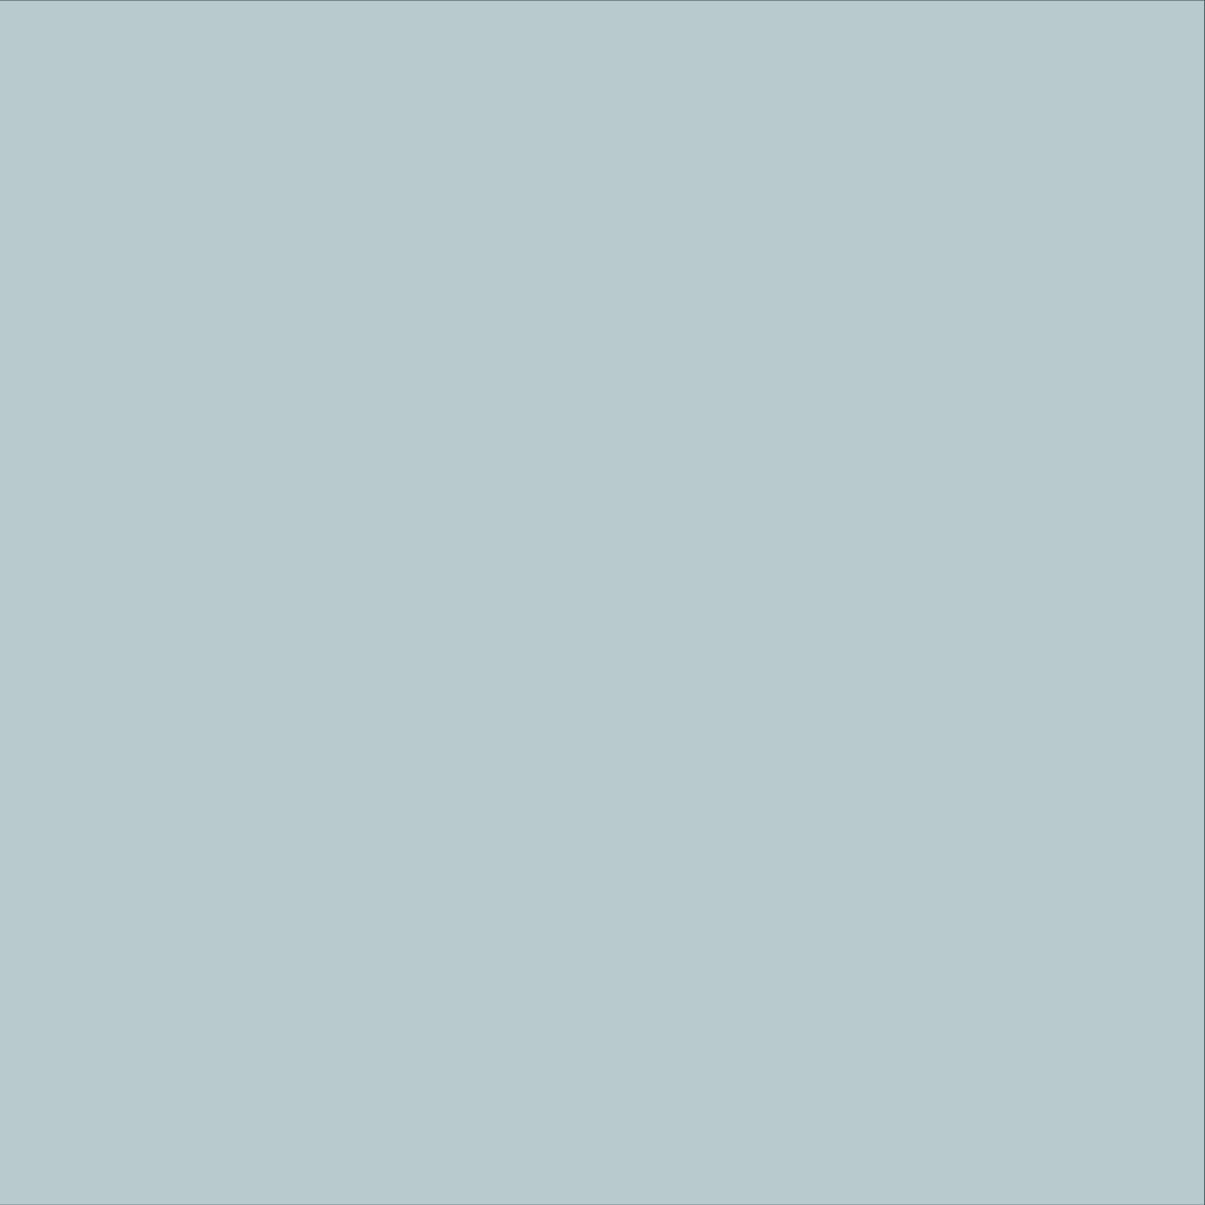 Blue square 50 opacity.